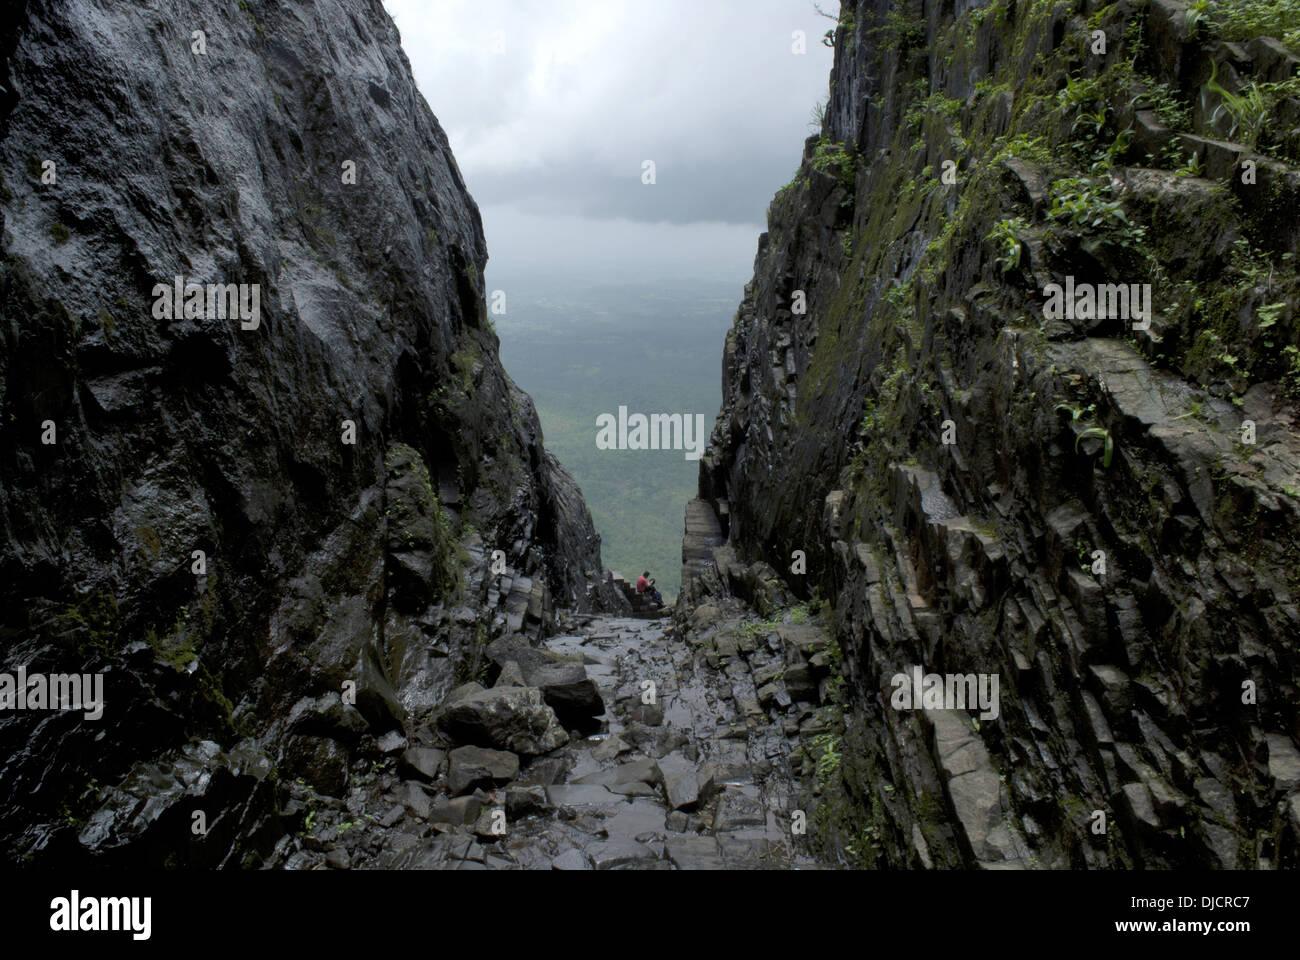 Naneghat un passo di montagna. I Ghati Occidentali intervallo vicino Junnar distretto di Pune, Maharashtra, India. Vista dal lato sexyboys. Immagini Stock